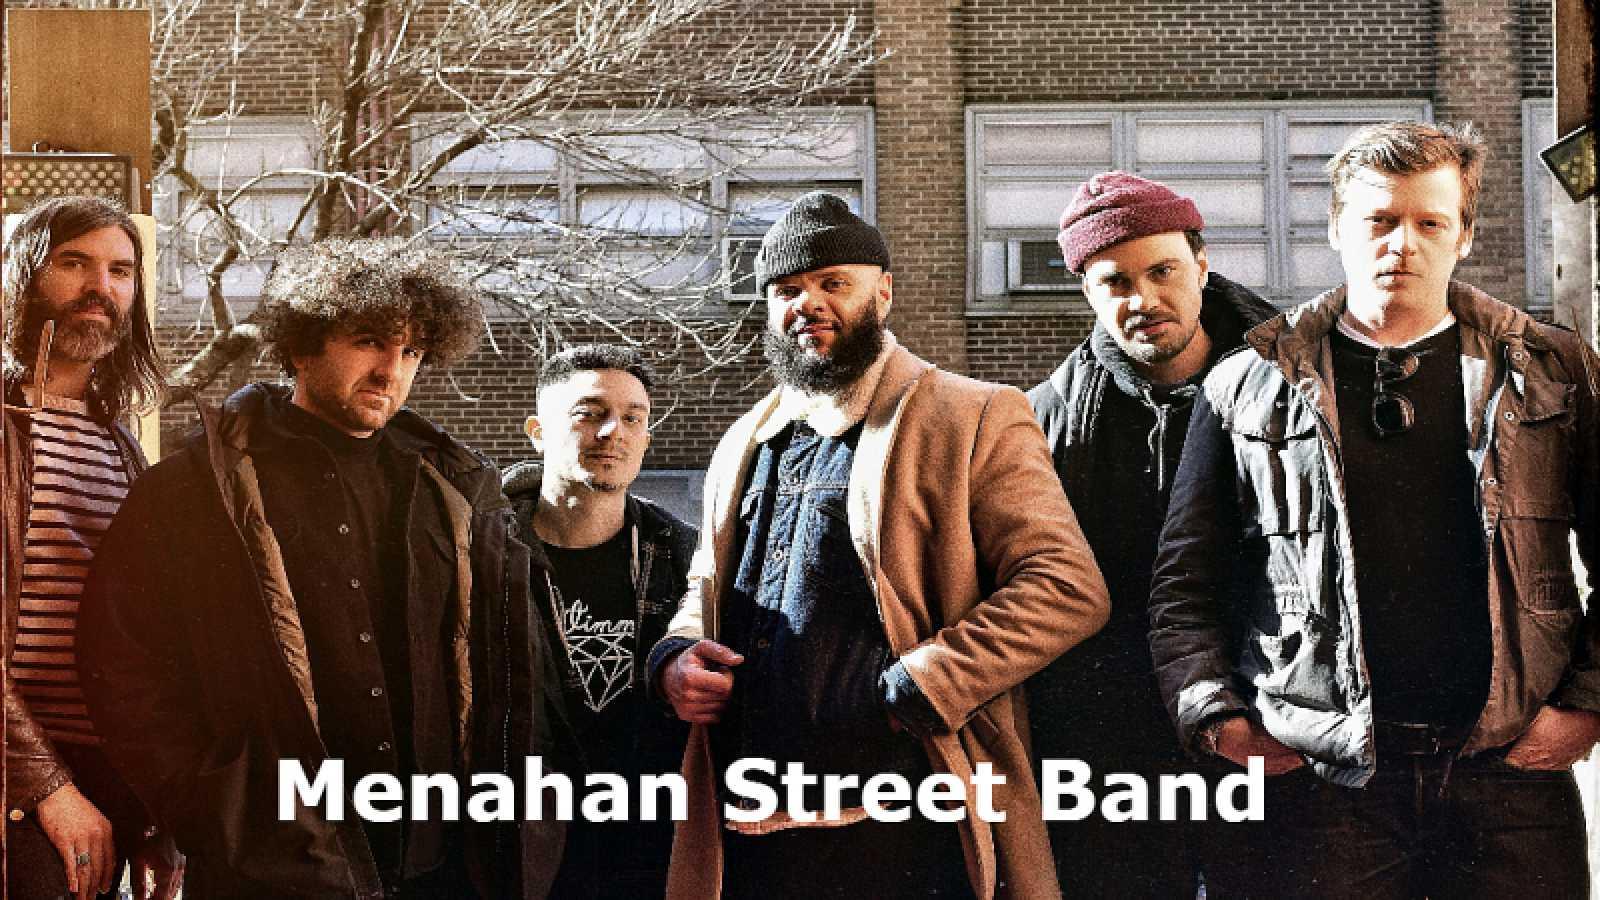 Próxima parada - Menahan Street Band, Curtis Salgado y John Tejada - 08/04/21 - escuchar ahora